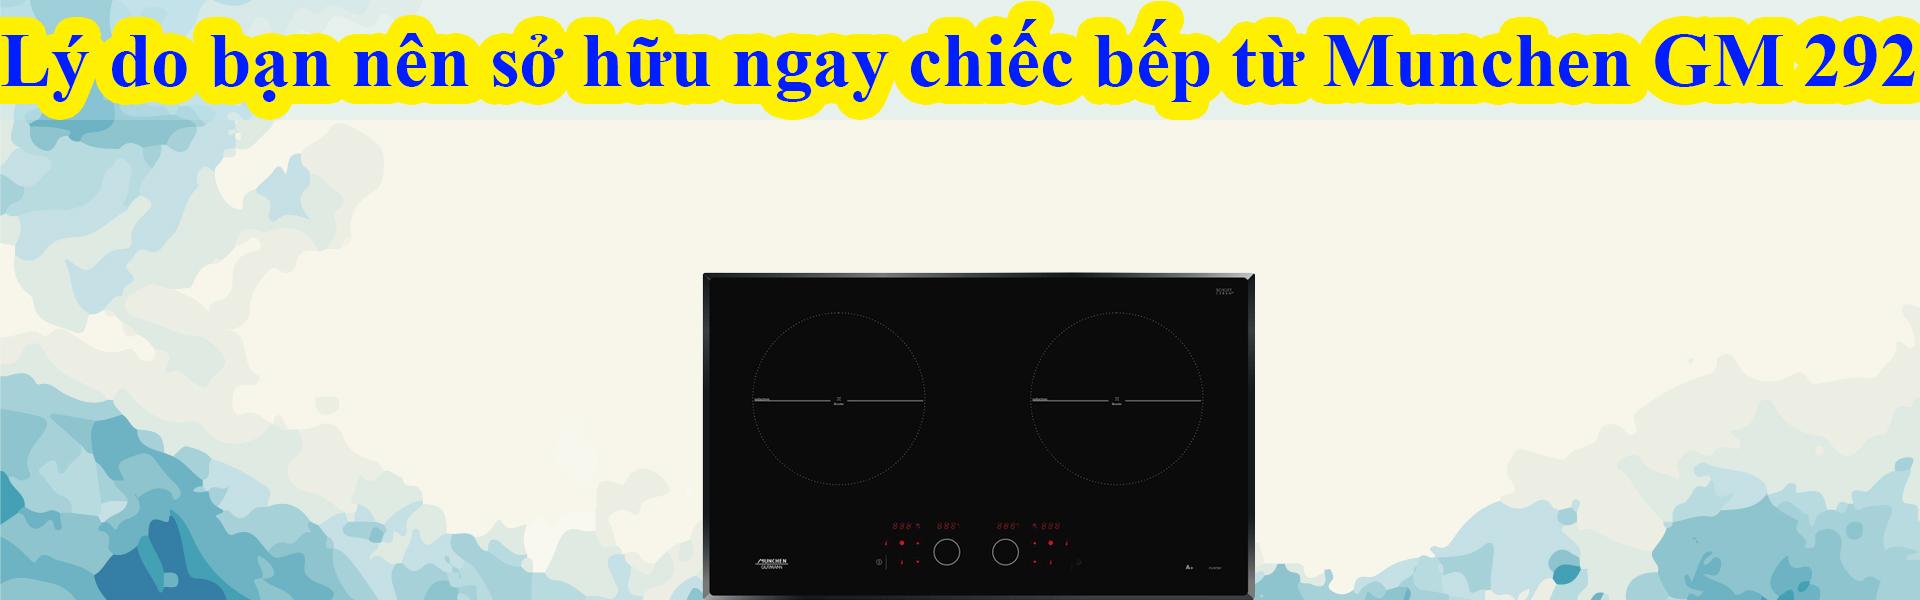 Lý do bạn nên sở hữu ngay chiếc bếp từ Munchen GM 292